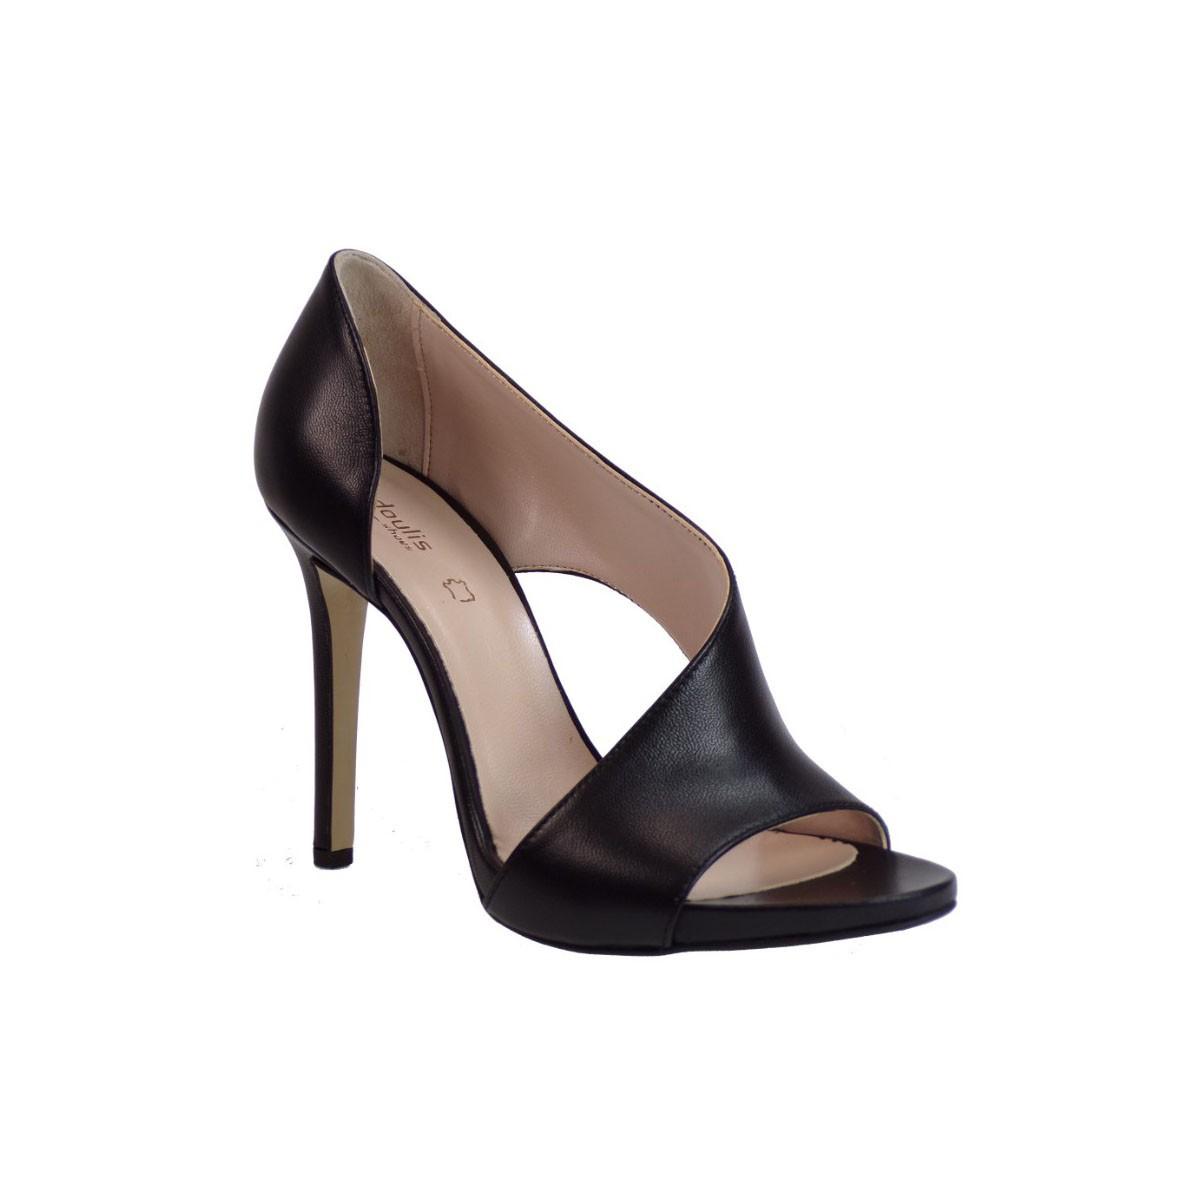 BagiotaShoes Fardoulis shoes Γυναικεία Πέδιλα 8112 Μαύρο Fardoulis shoes  8112 Μ 15ac2695938